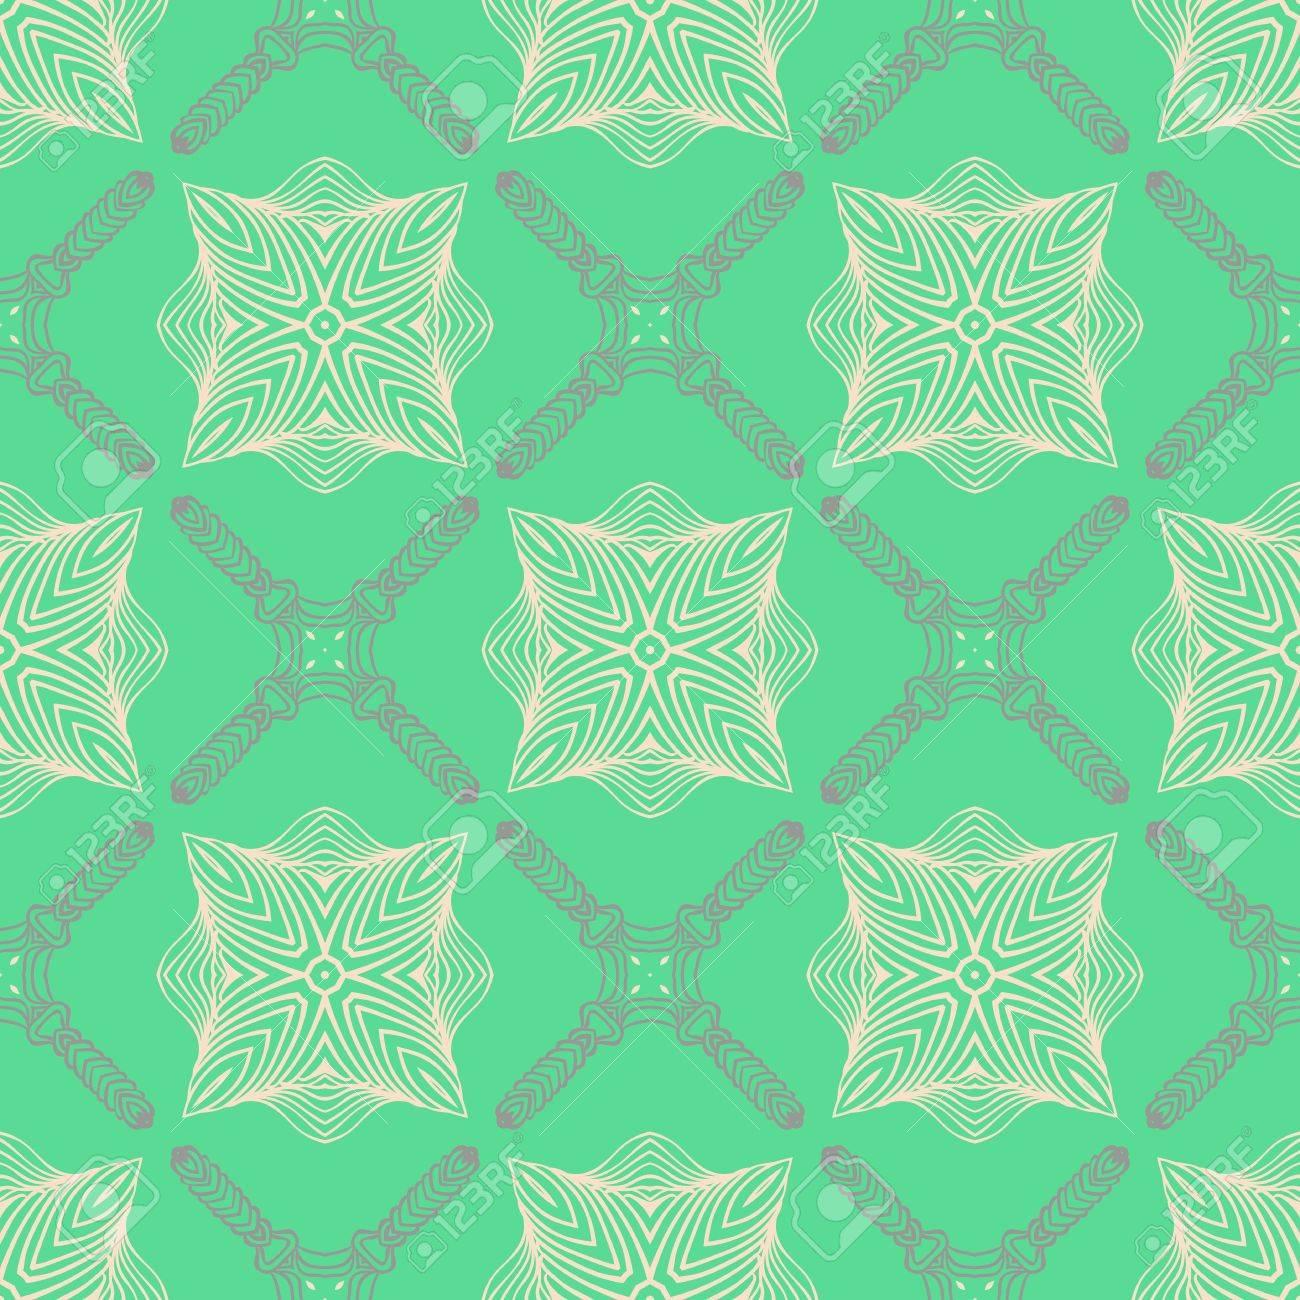 Modèle De Couleur Vert émeraude Délicates Lignes élégantes Clip Art